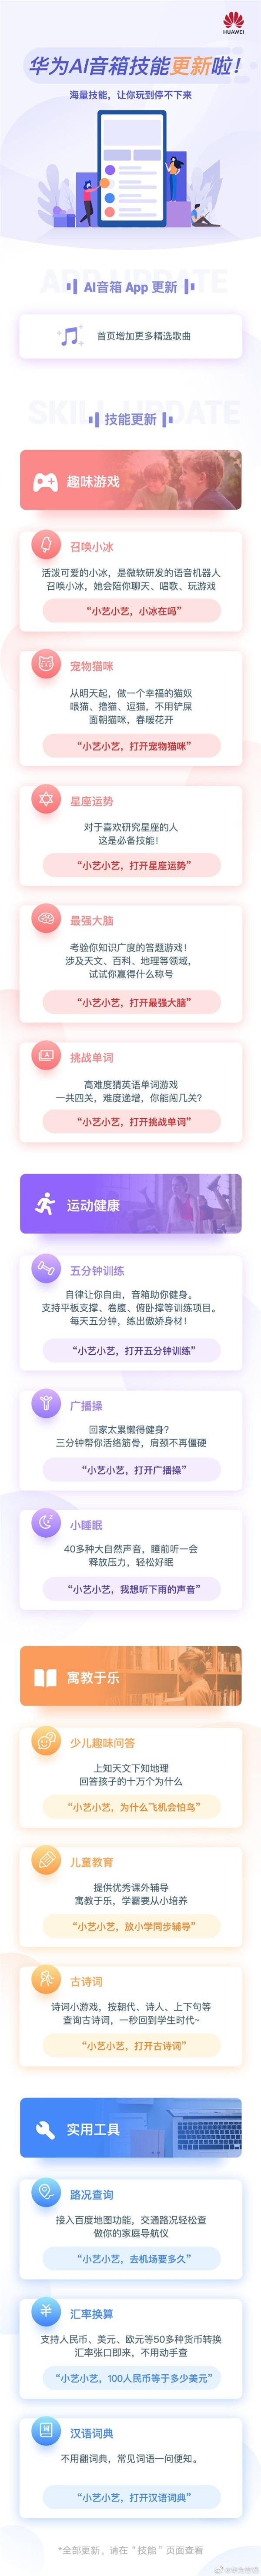 华为AI音箱更新新功能:支持召唤小冰、养猫